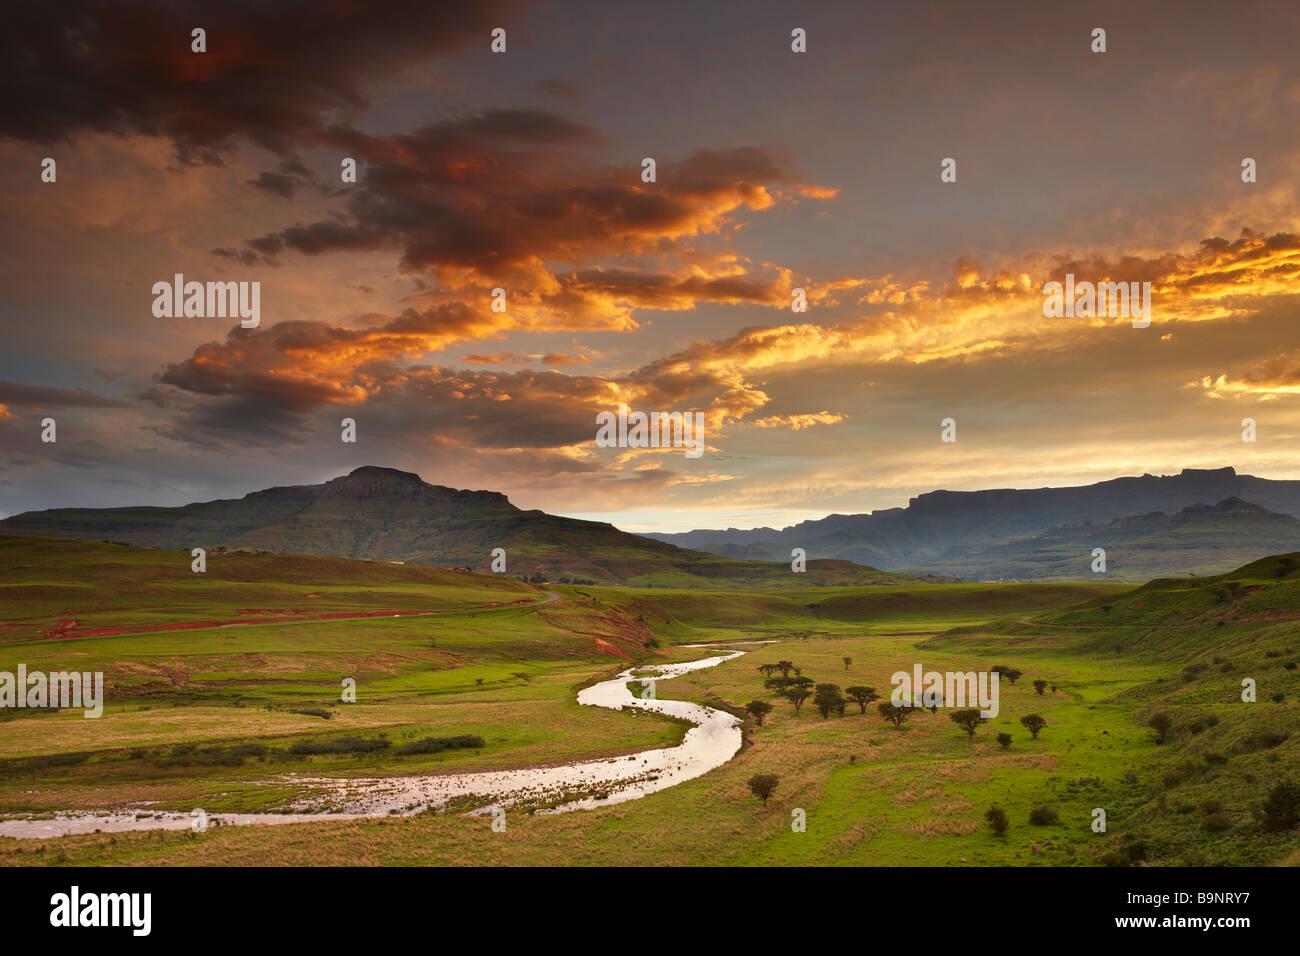 Tramonto cielo sopra la valle di Tugela con le montagne Drakensberg oltre, KwaZulu Natal, Sud Africa Immagini Stock